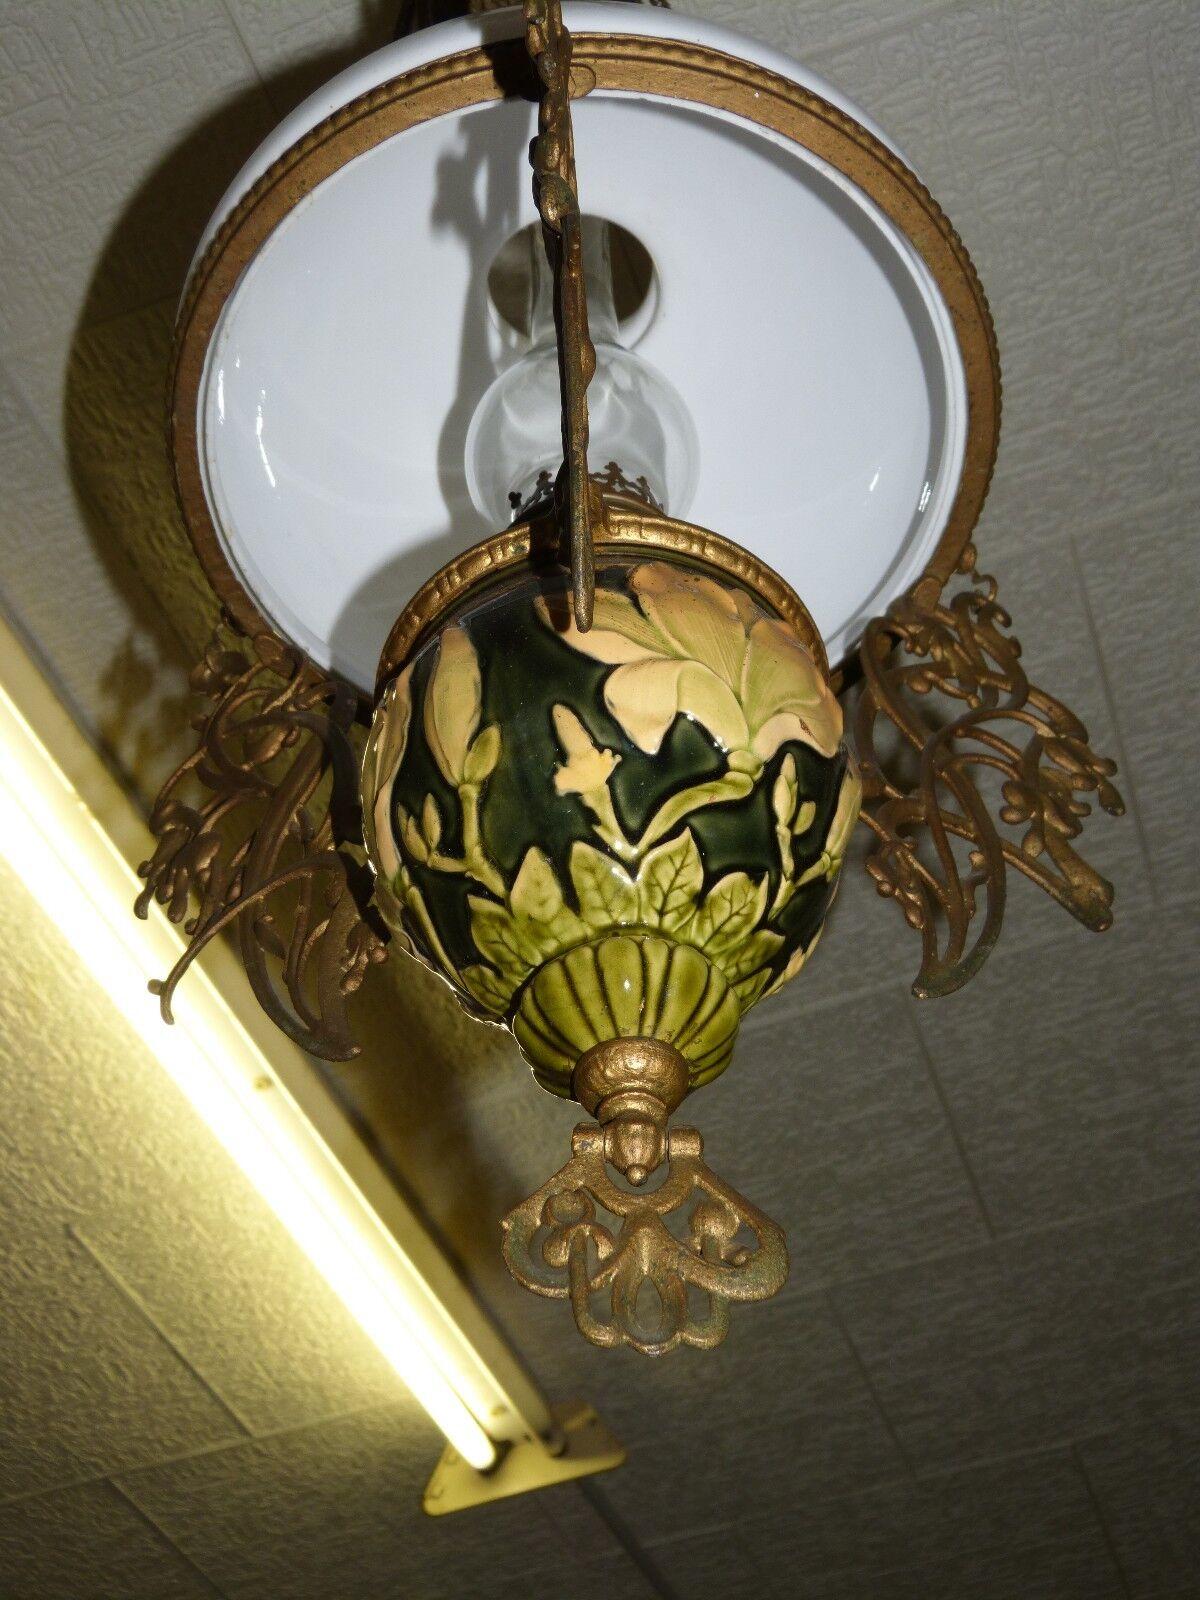 gro e jugendstil petroleum lampe deckenlampe mit majolika und glasschirm um 1900 eur 845 00. Black Bedroom Furniture Sets. Home Design Ideas